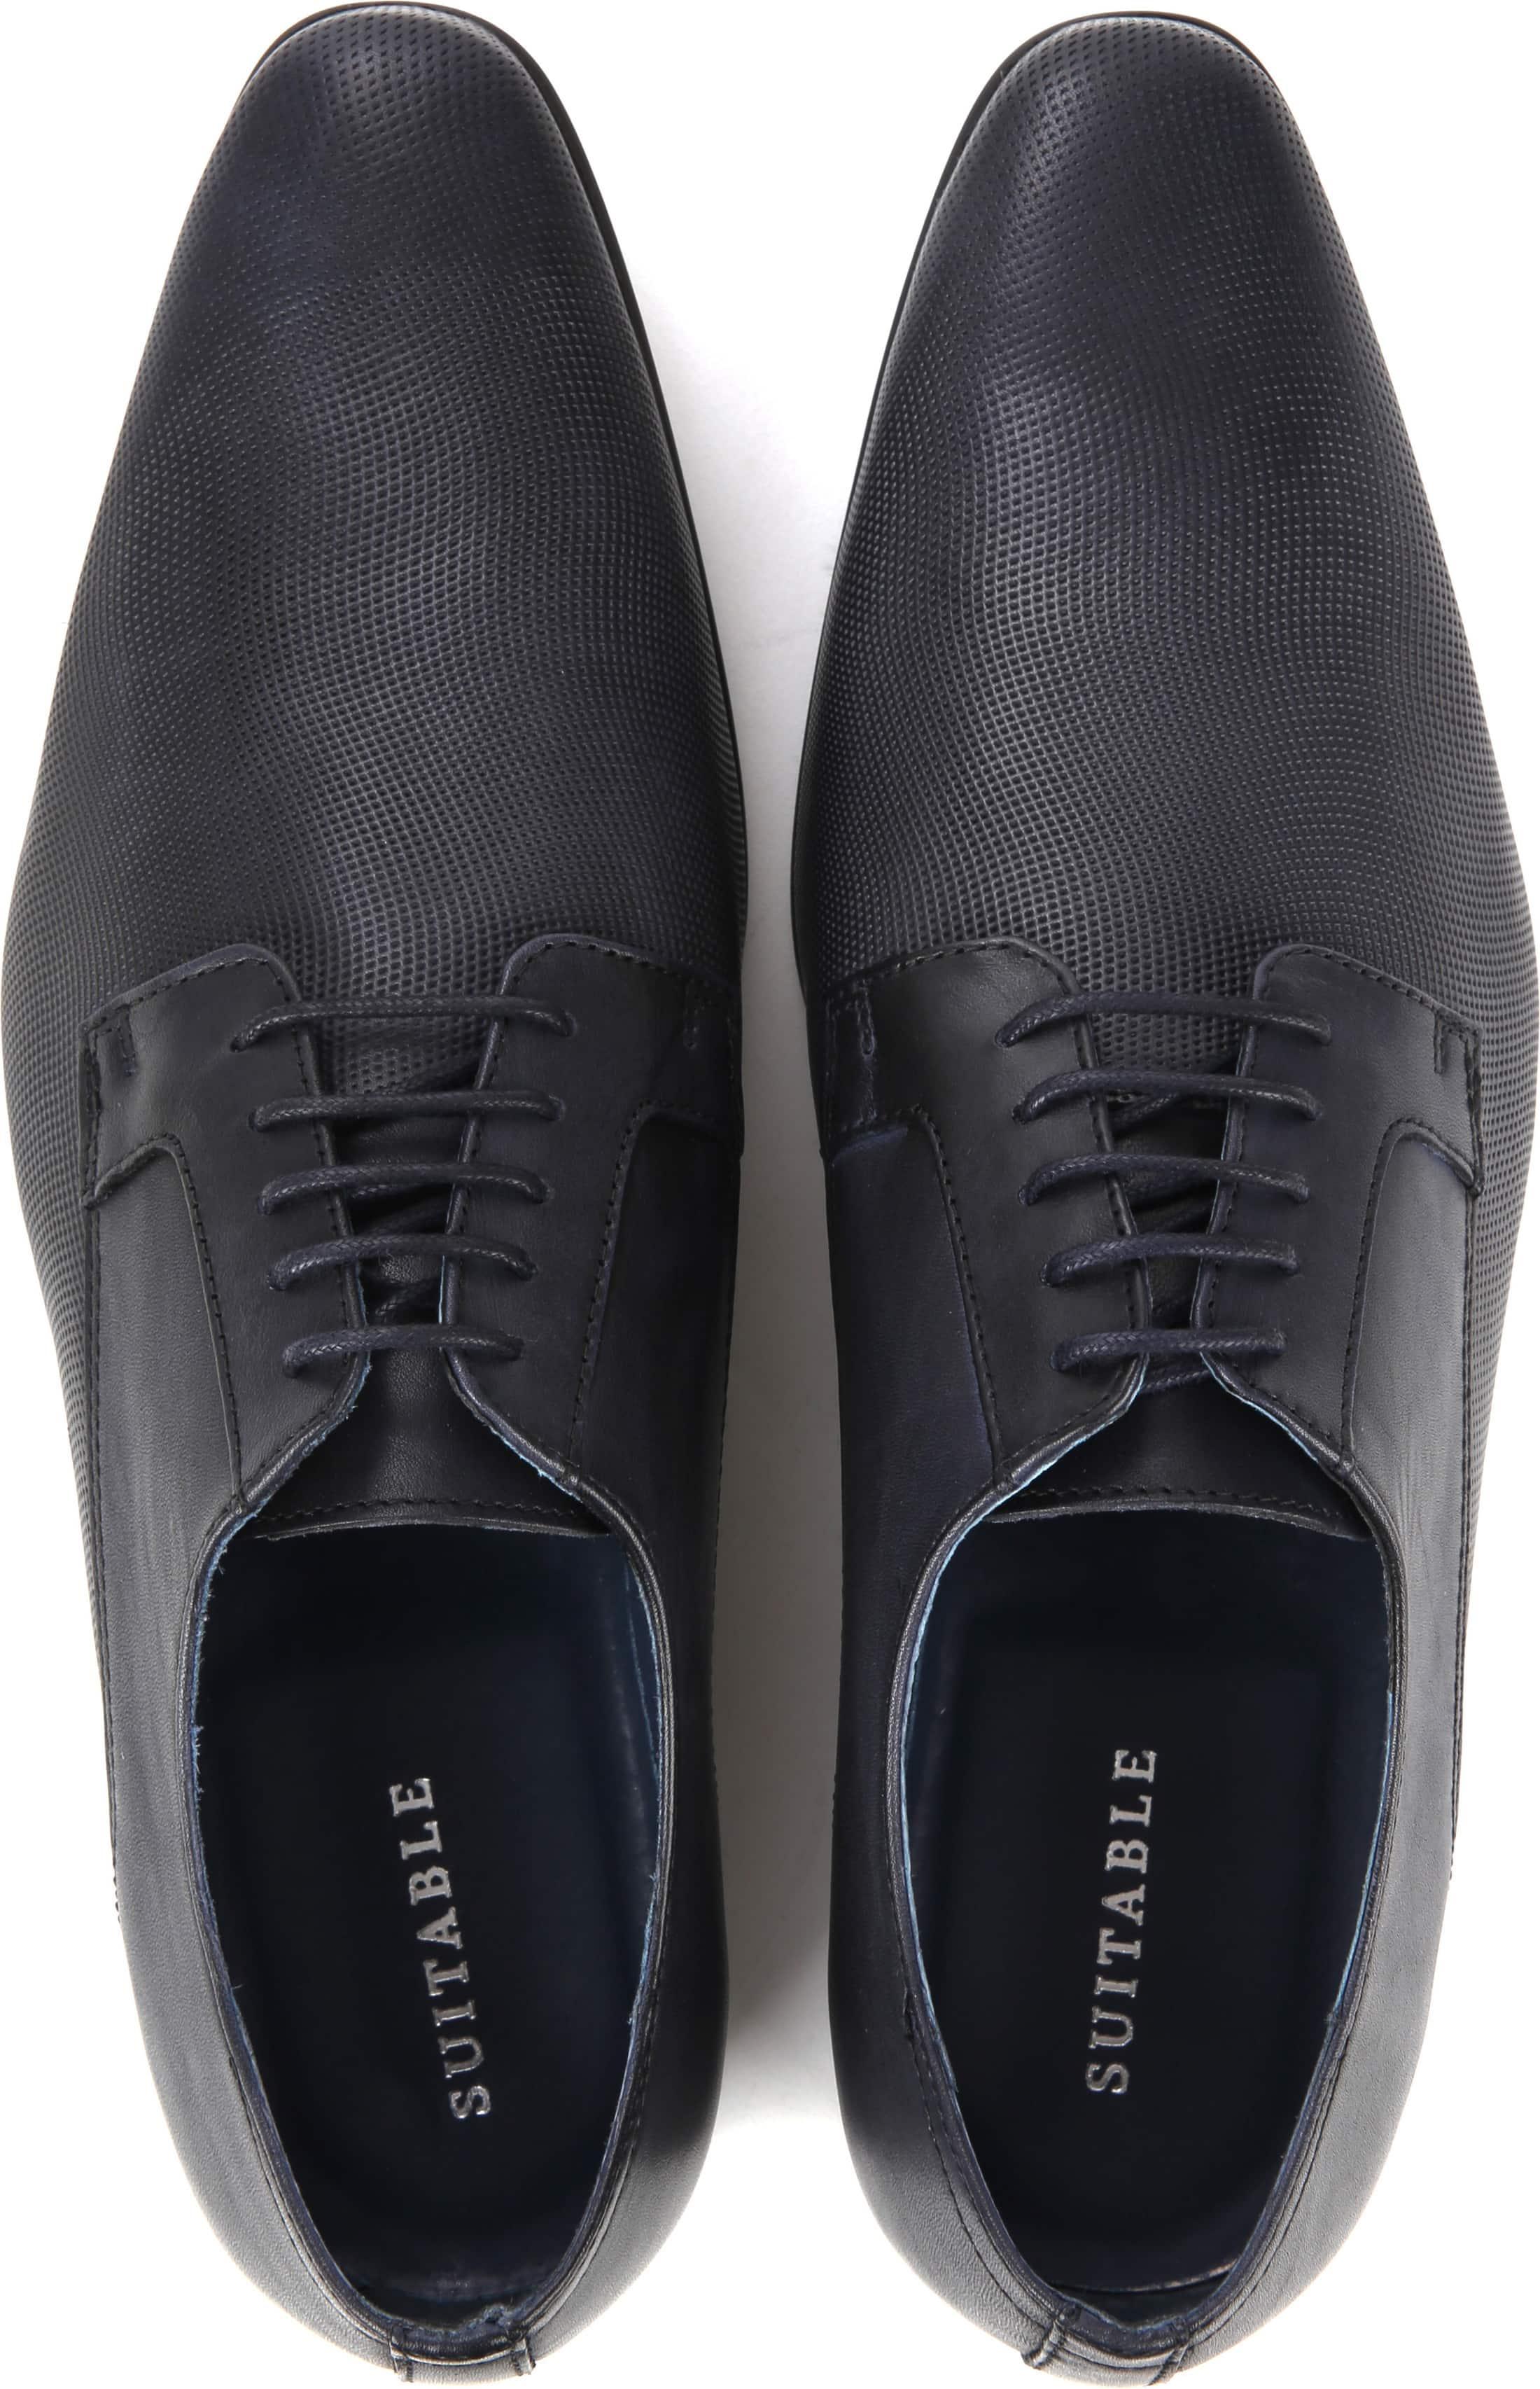 Suitable Dress Shoes Derby Black foto 2